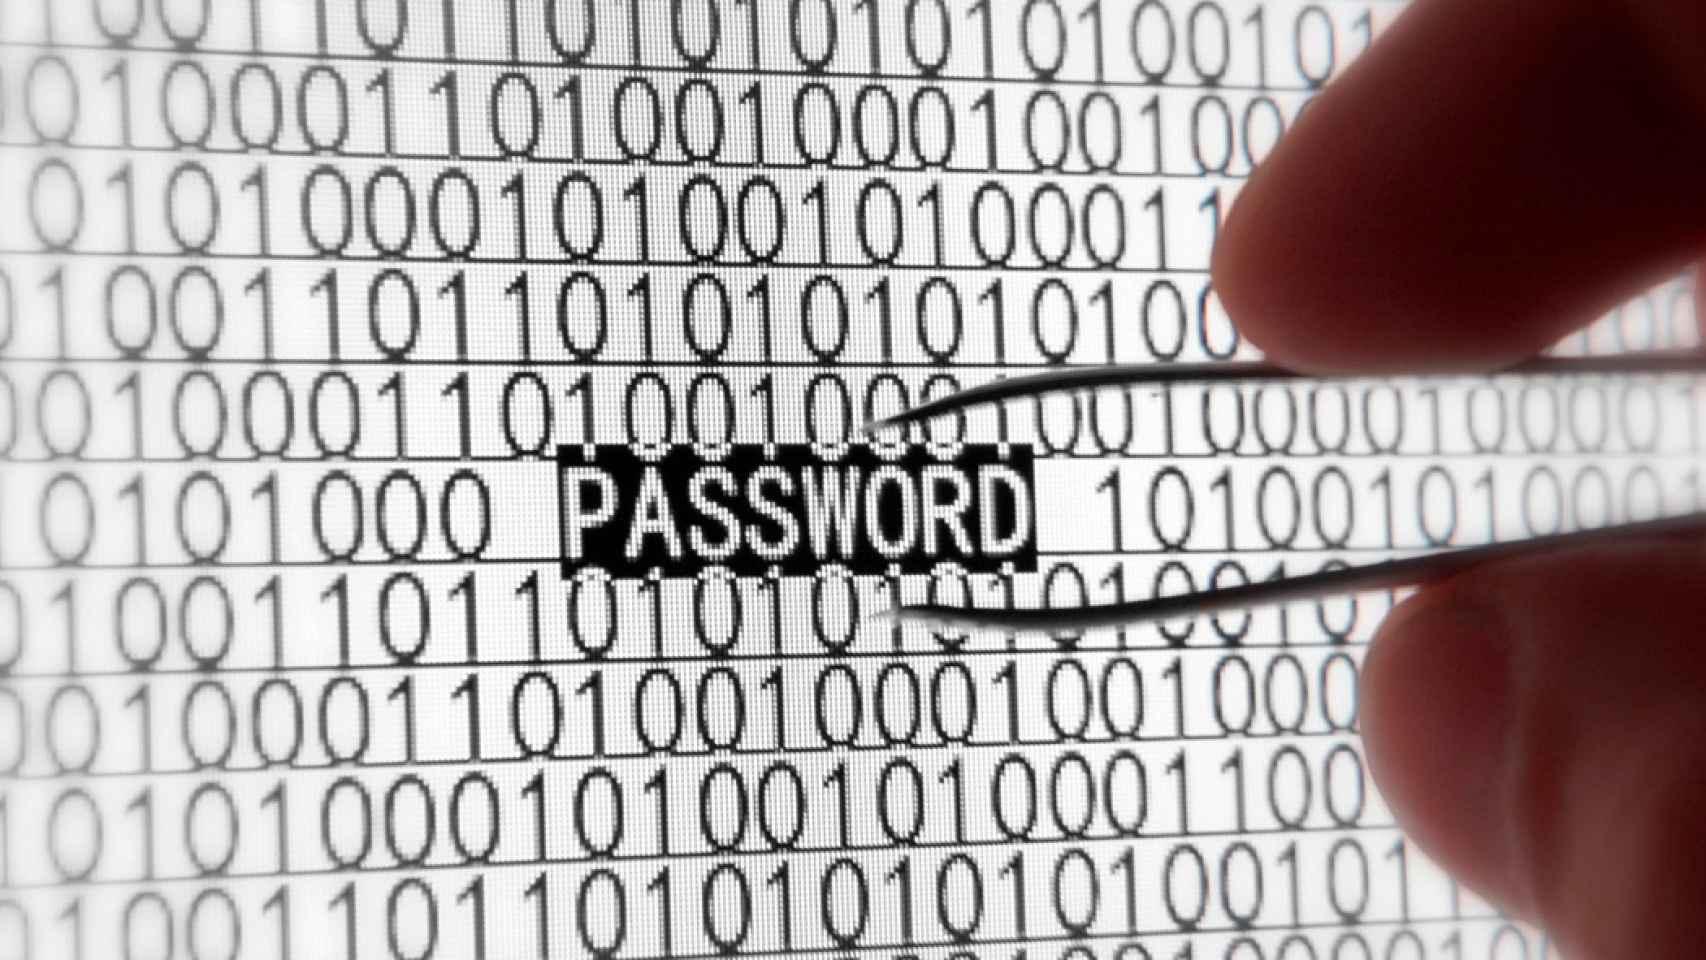 Filtran la mayor base de datos de contraseñas de la historia: comprueba si está la tuya